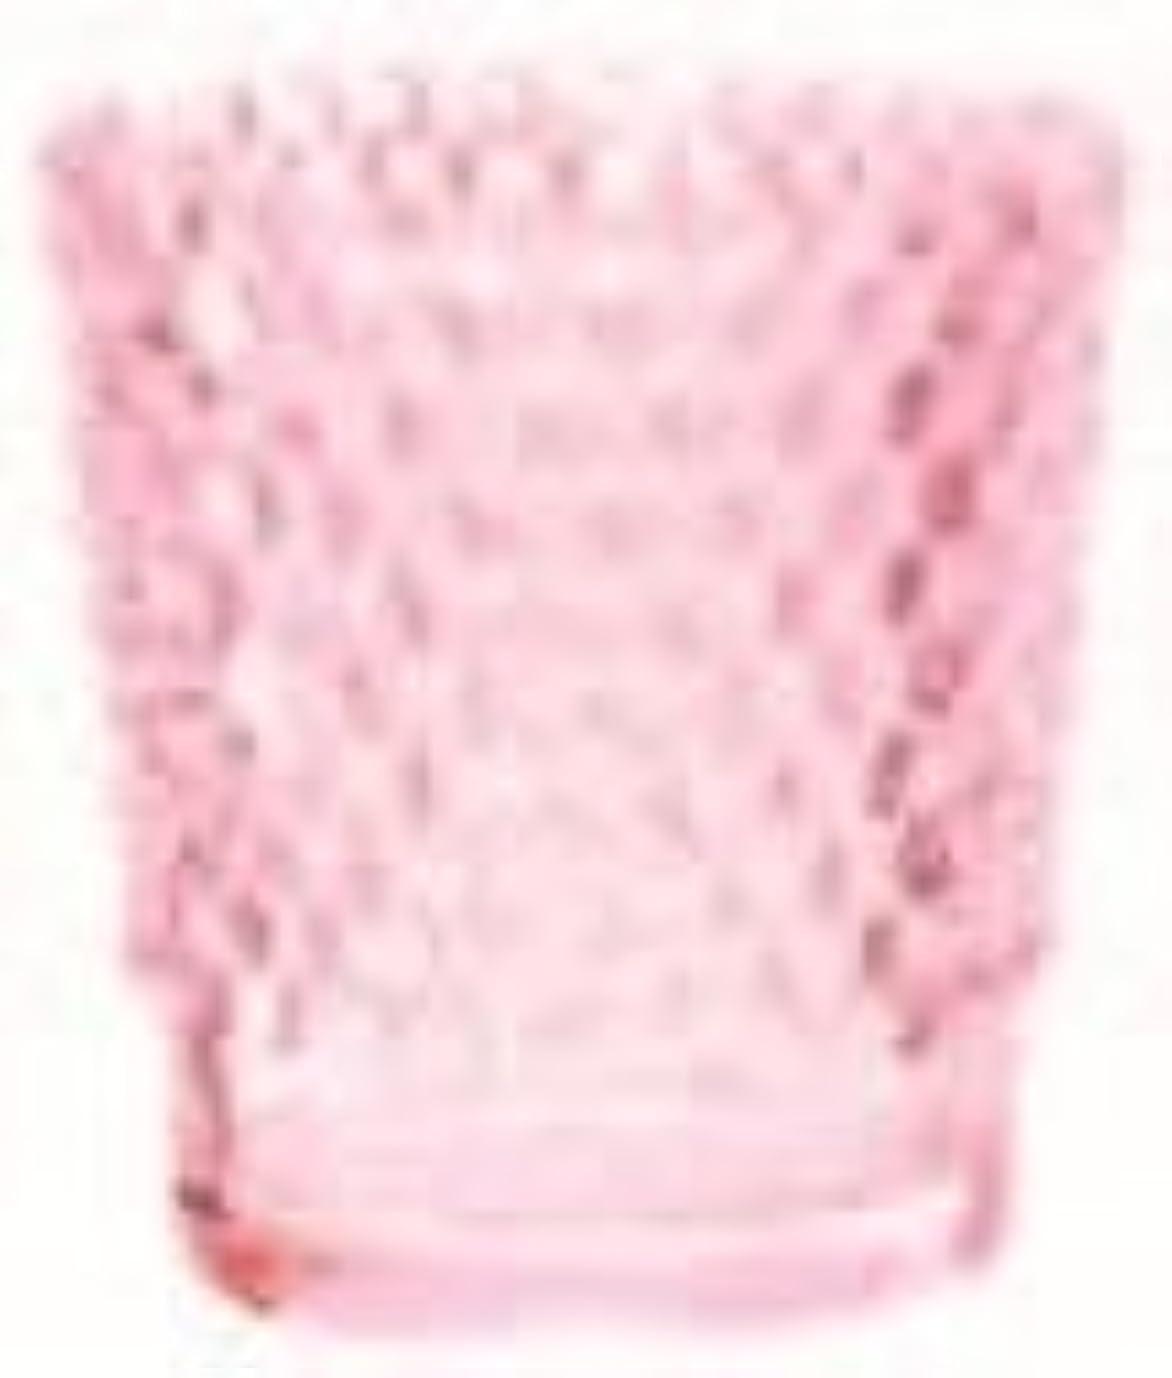 旅行スピーカー本物のカメヤマキャンドル(kameyama candle) ホビネルグラス 「 コーラル 」